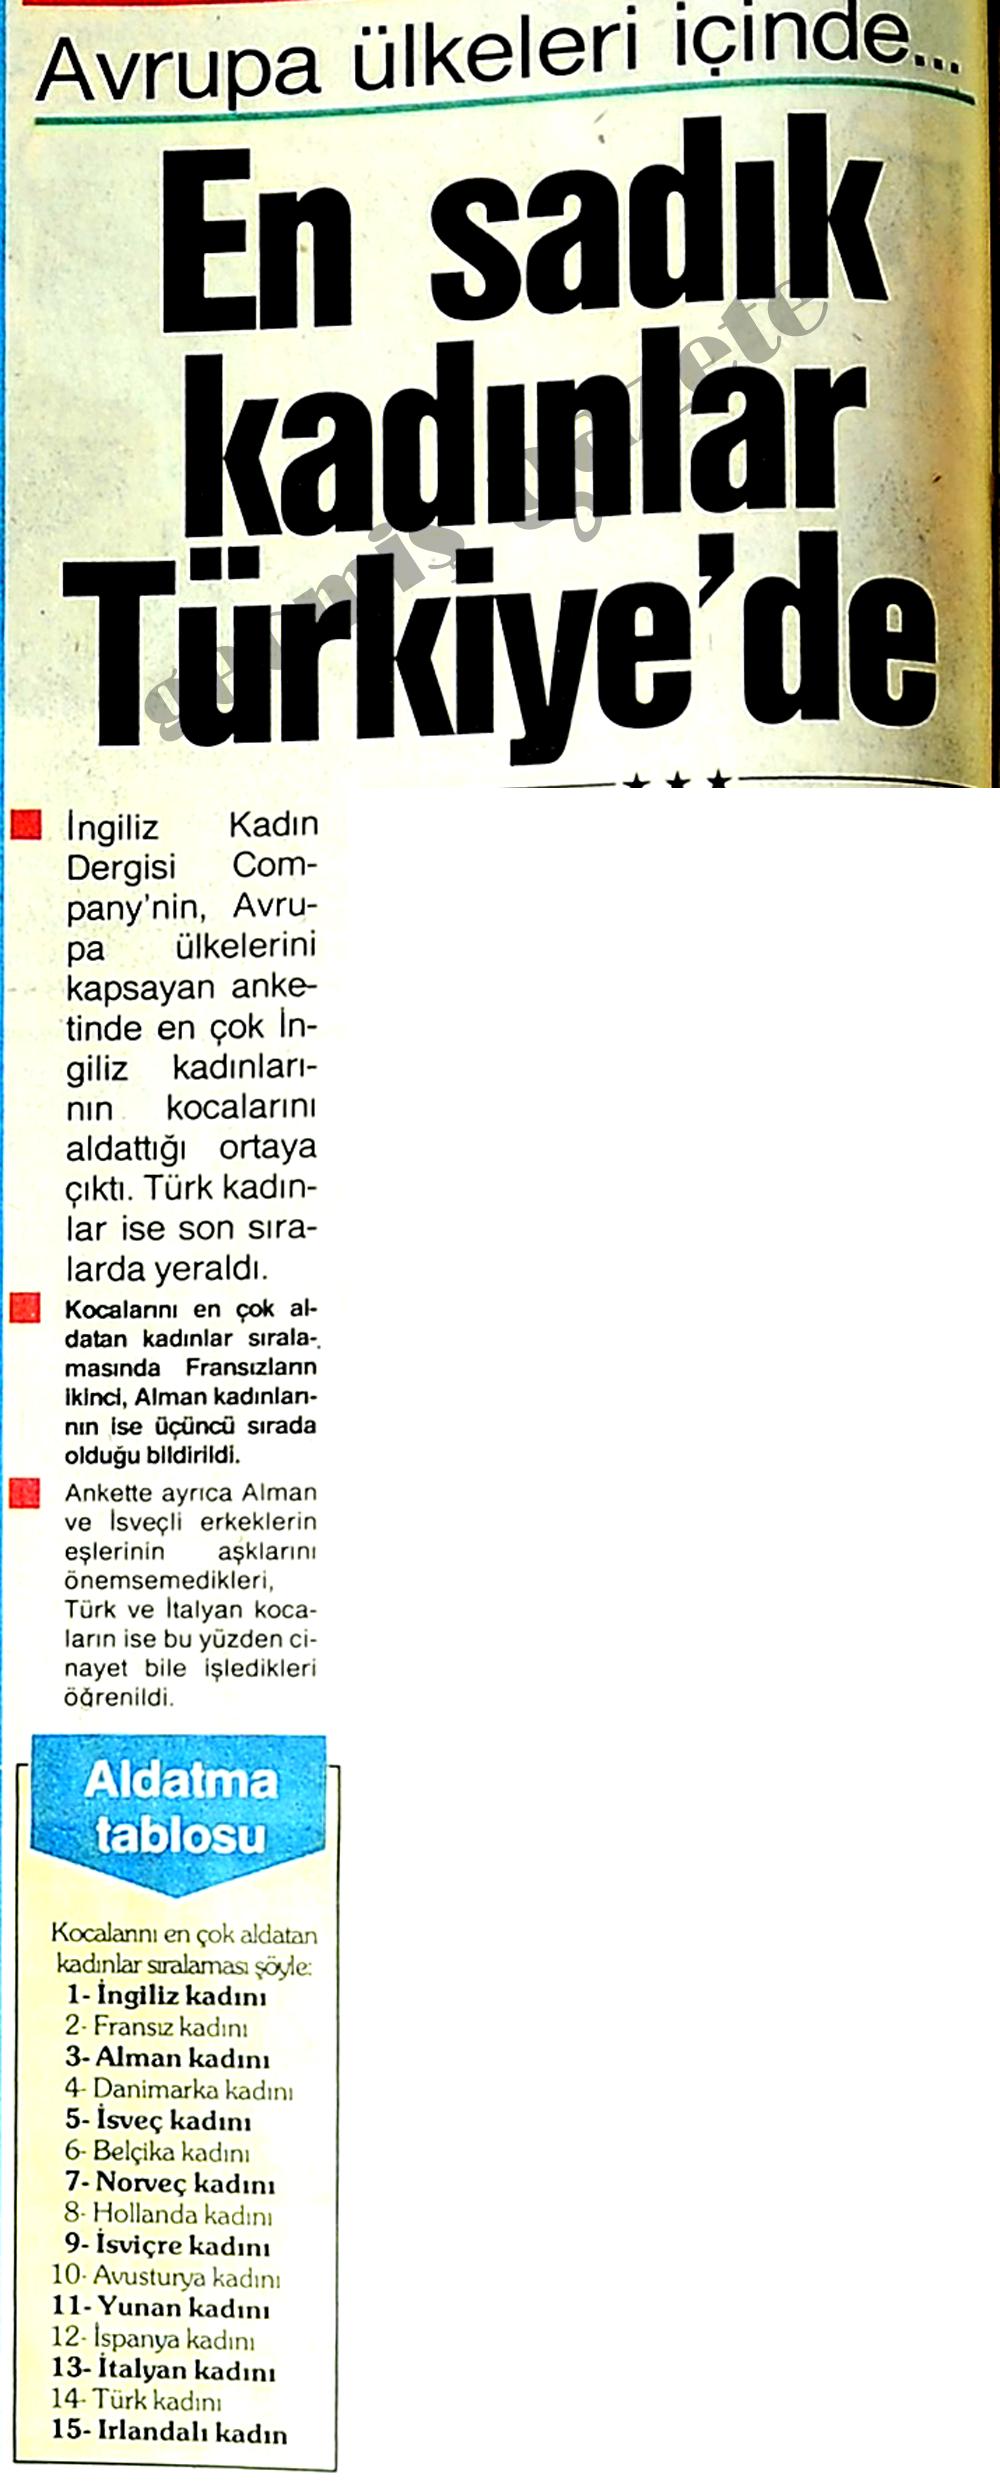 En sadık kadınlar Türkiye'de